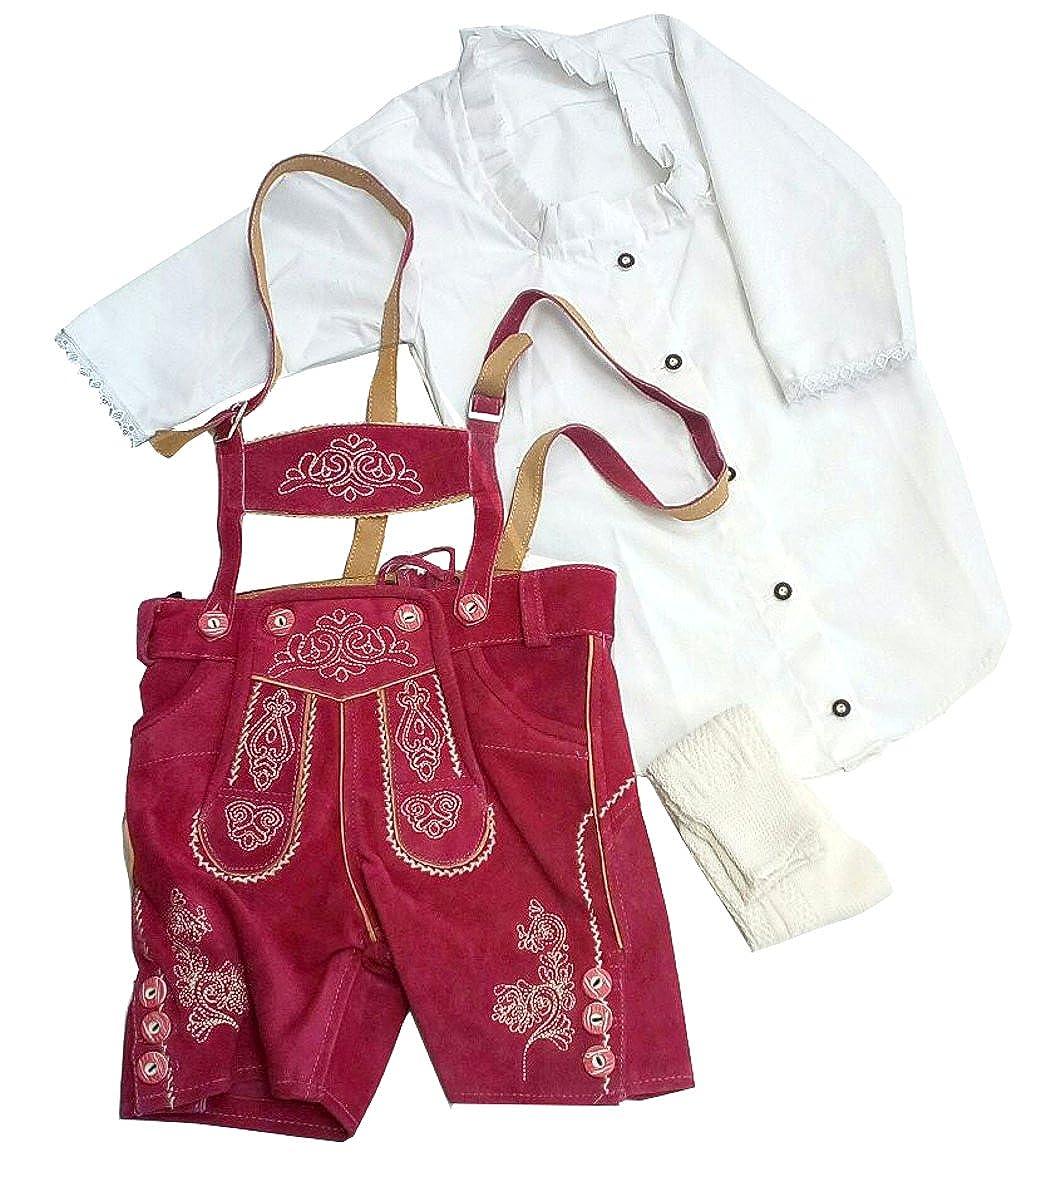 Isar-Trachten Kinder Lederhose kurz Trachtenlederhose Jungen mit Stegtr/äger und Stickerei 55810